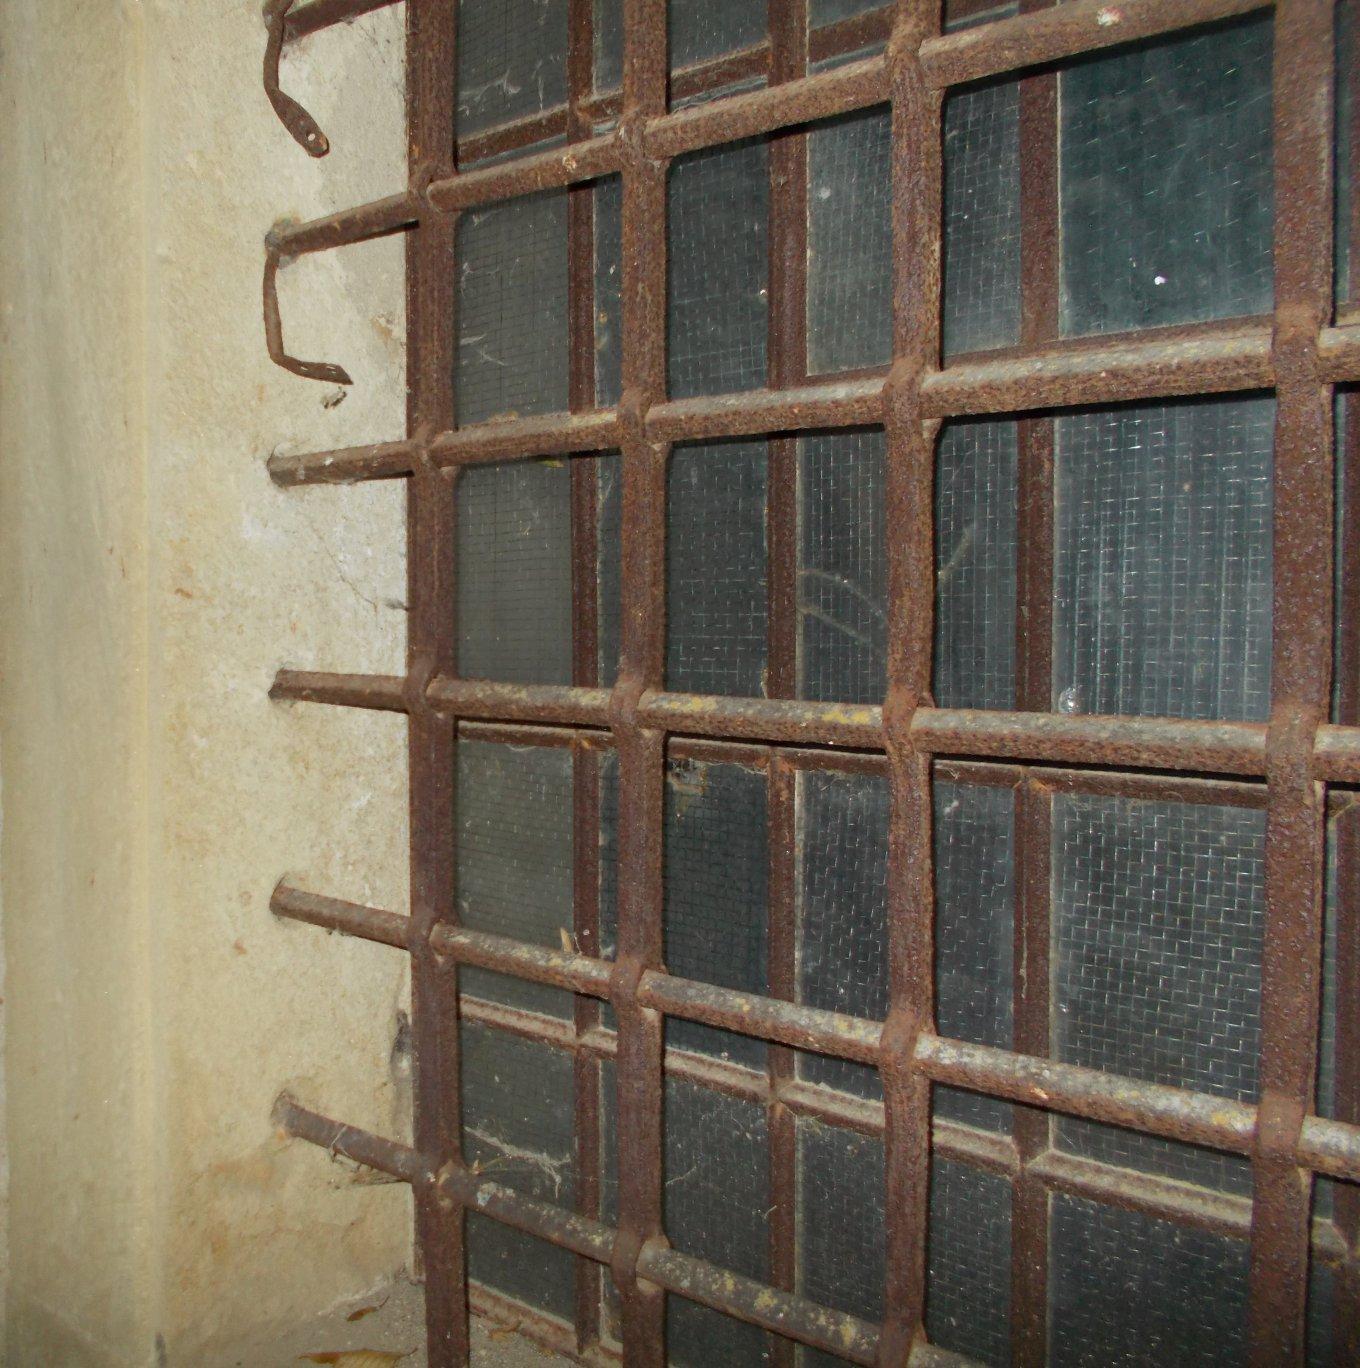 Die Gitterstäbe sind tief in der Laibung versenkt.   Das Gitter kann nicht rausgerissen werden